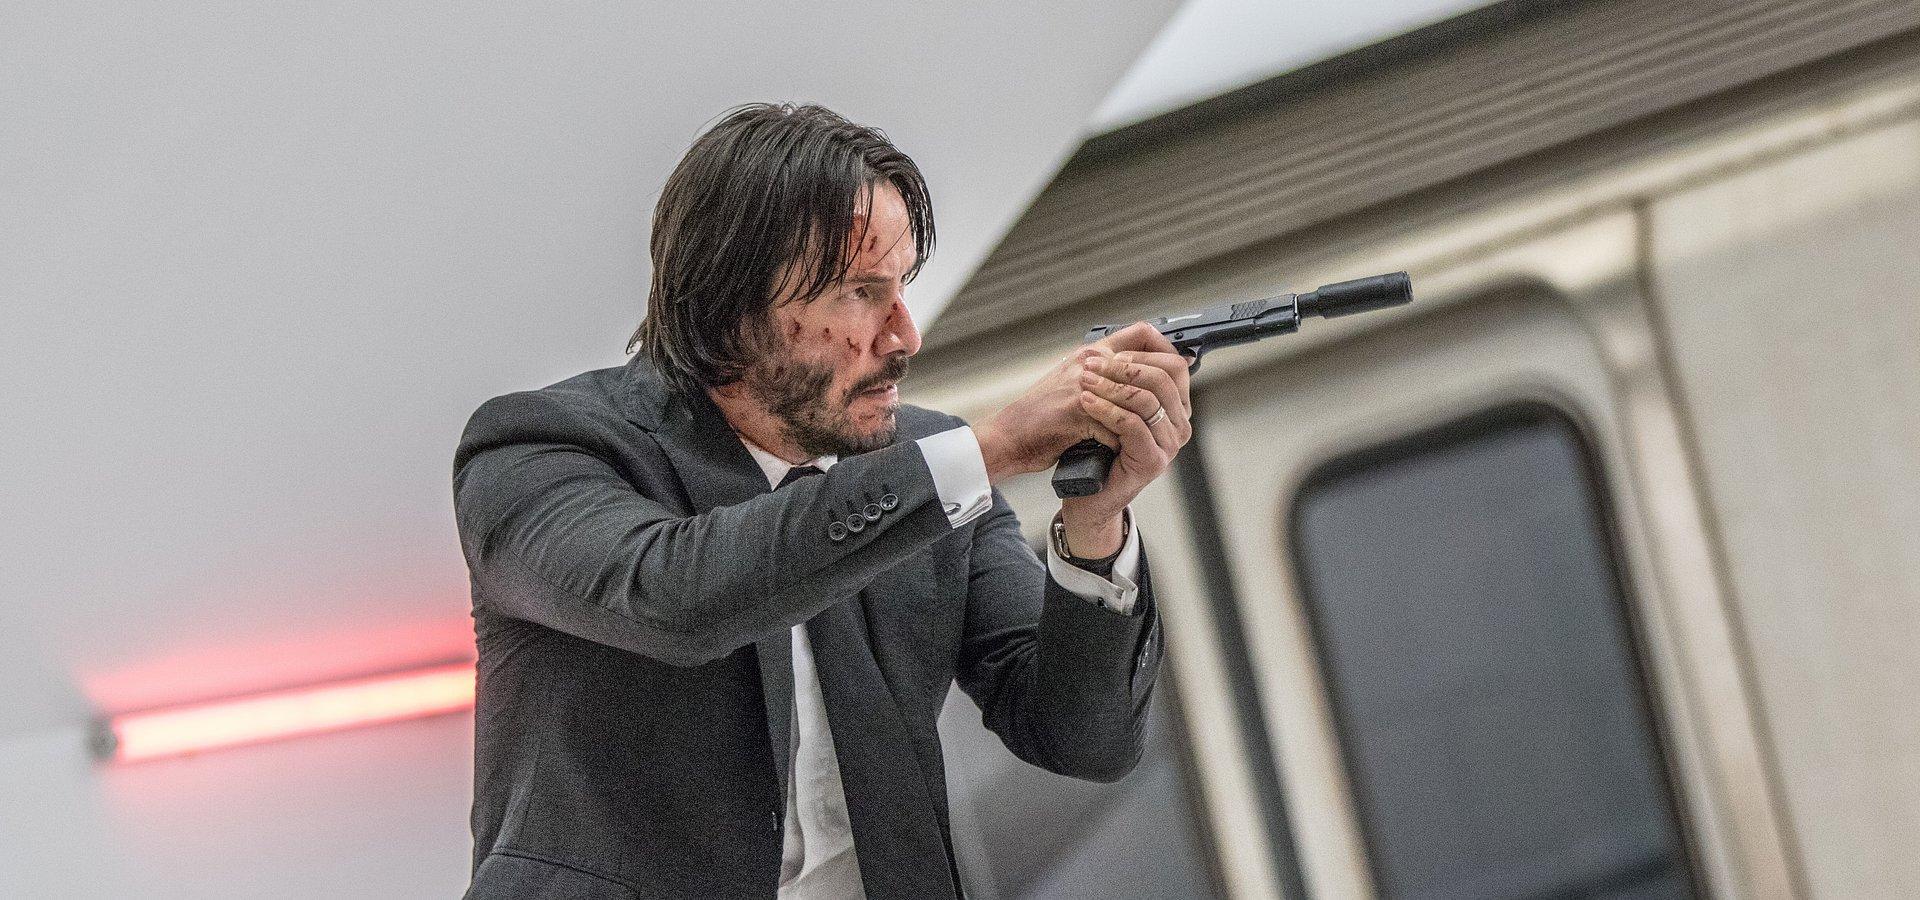 'JOHN WICK 2', 'RIDDICK – A ASCENSÃO' E 'BLITZ – SEM REMORSOS' SÃO OS 'FILMAÇOS' DO MÊS DE MAIO